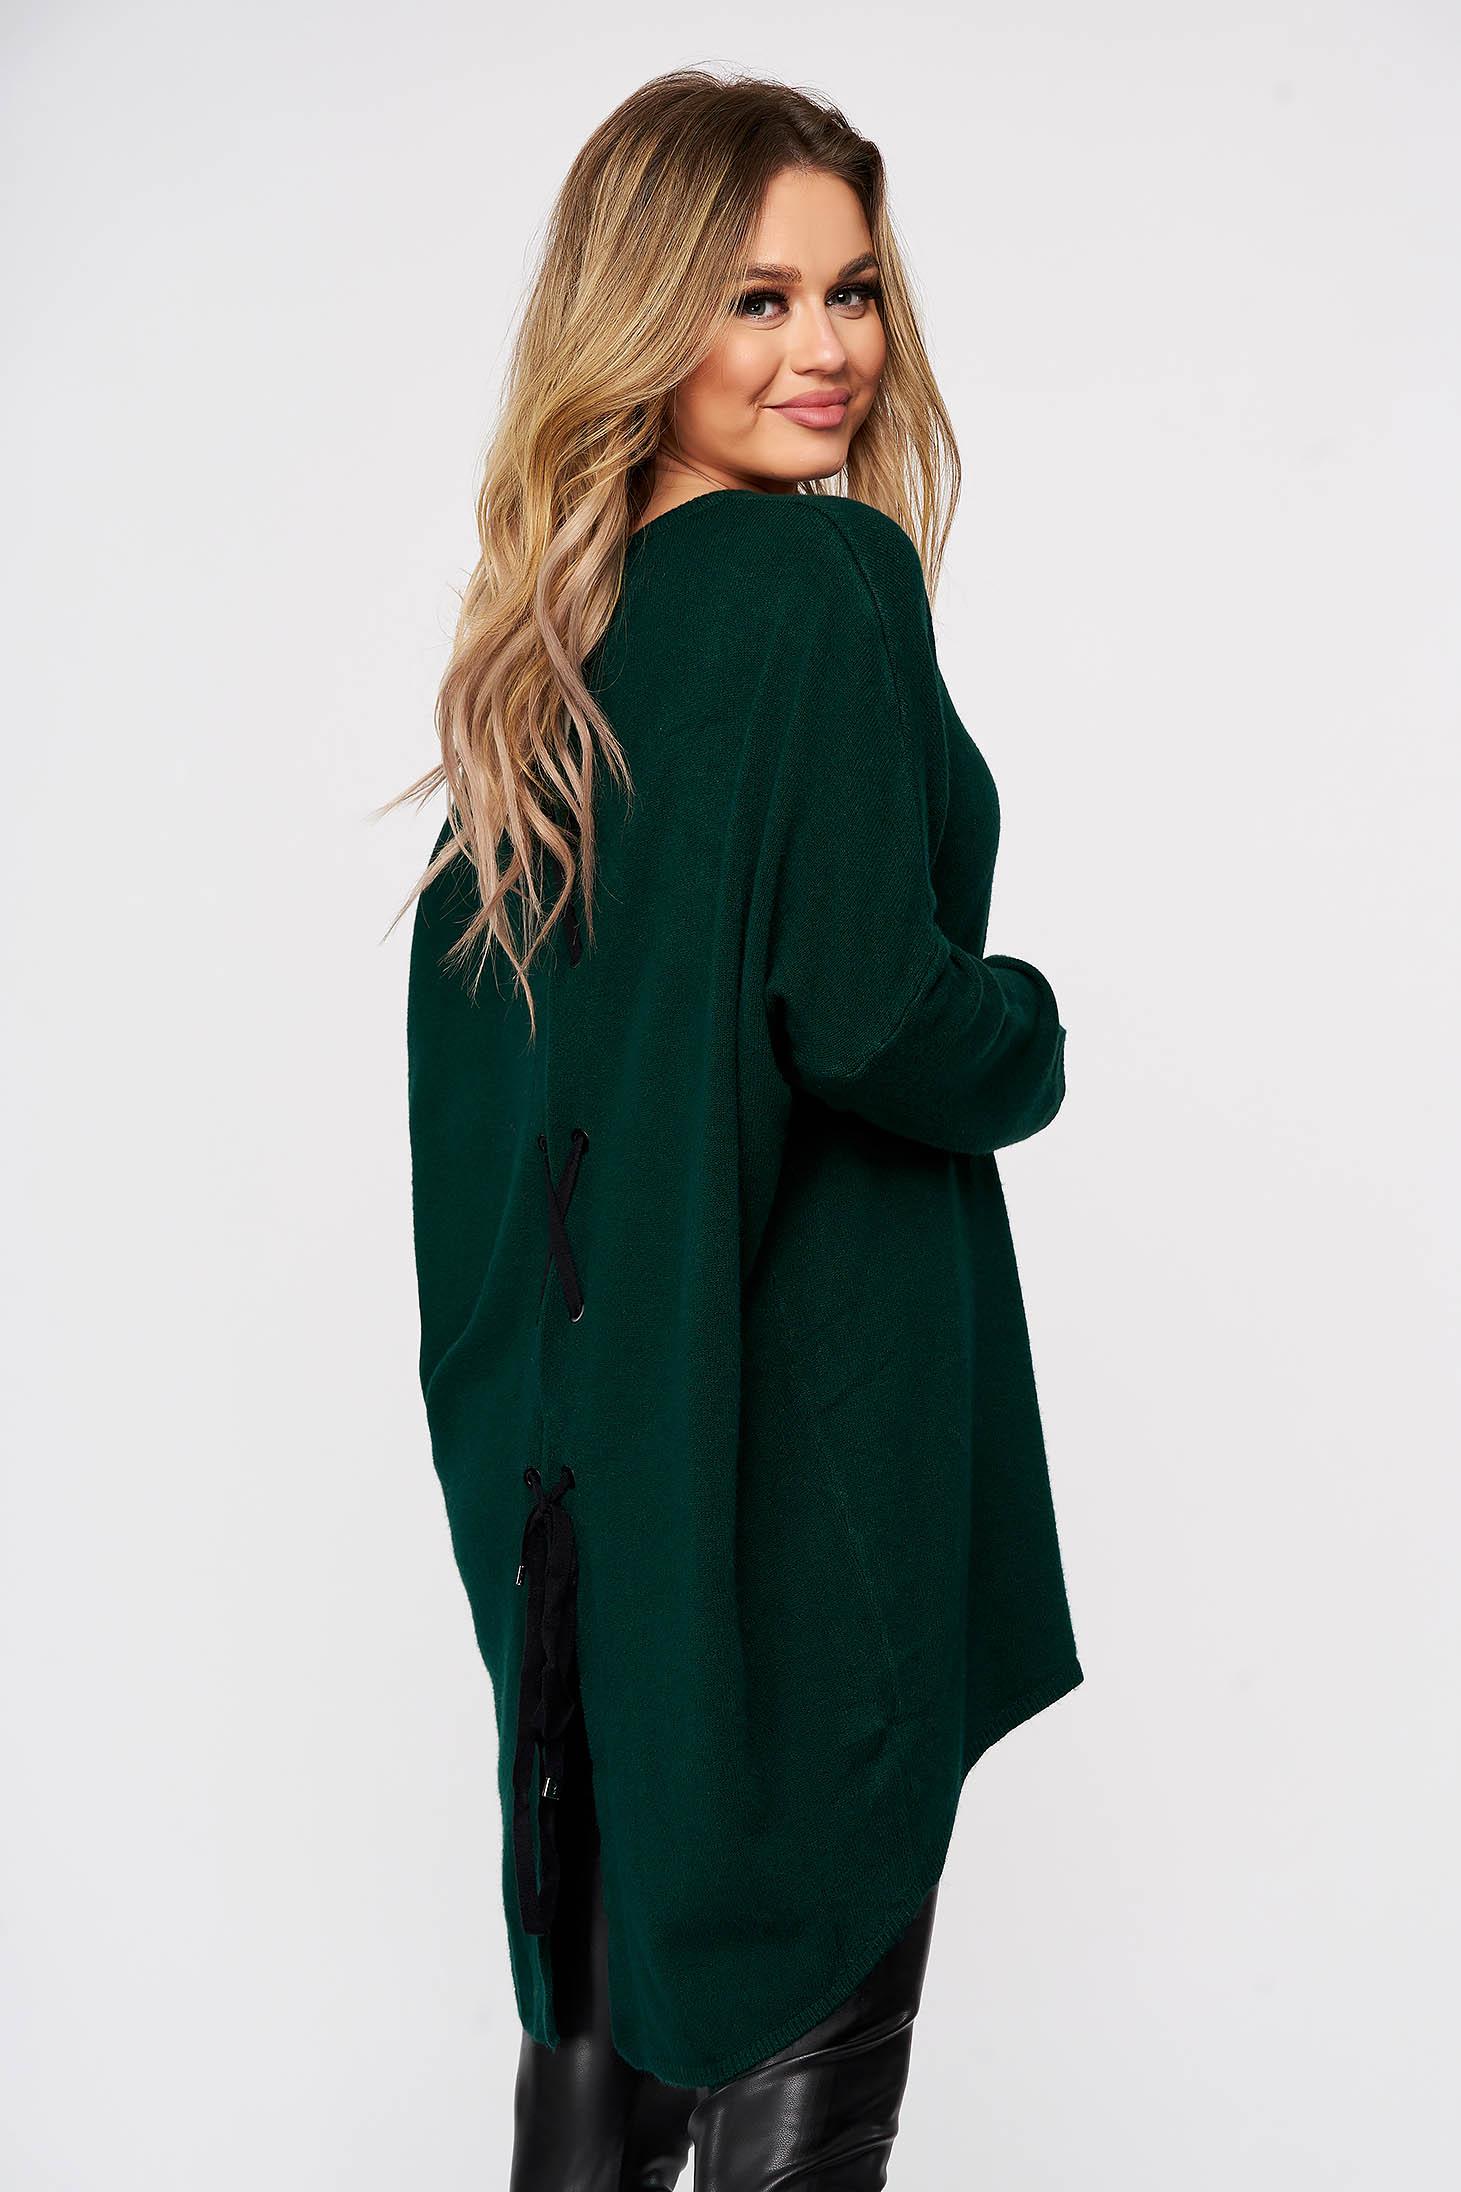 Bluza dama SunShine verde tricotata din material elastic si fin cu croi larg cu snur si slit la spate